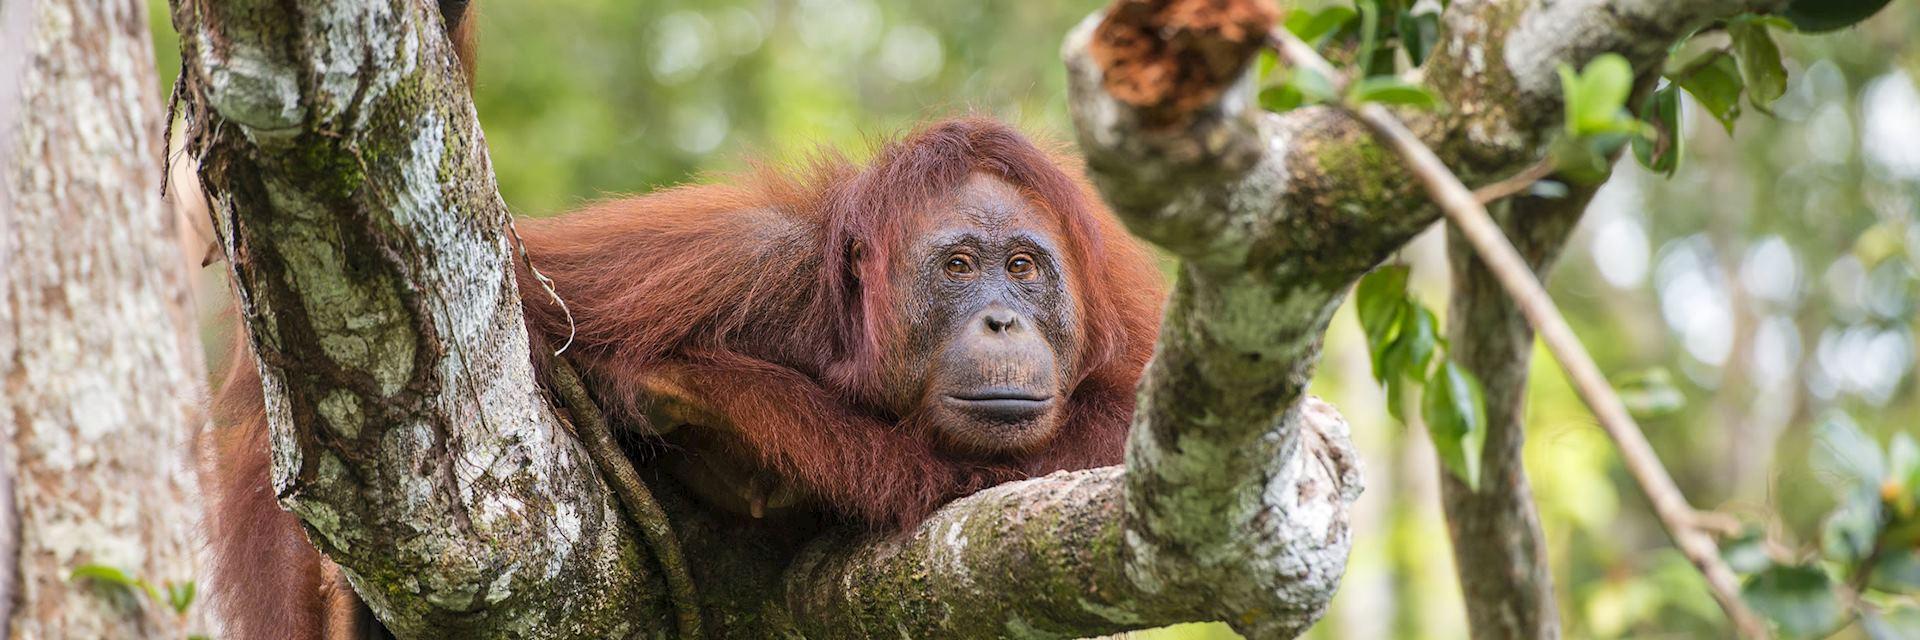 Female orangutan in the Danum Valley